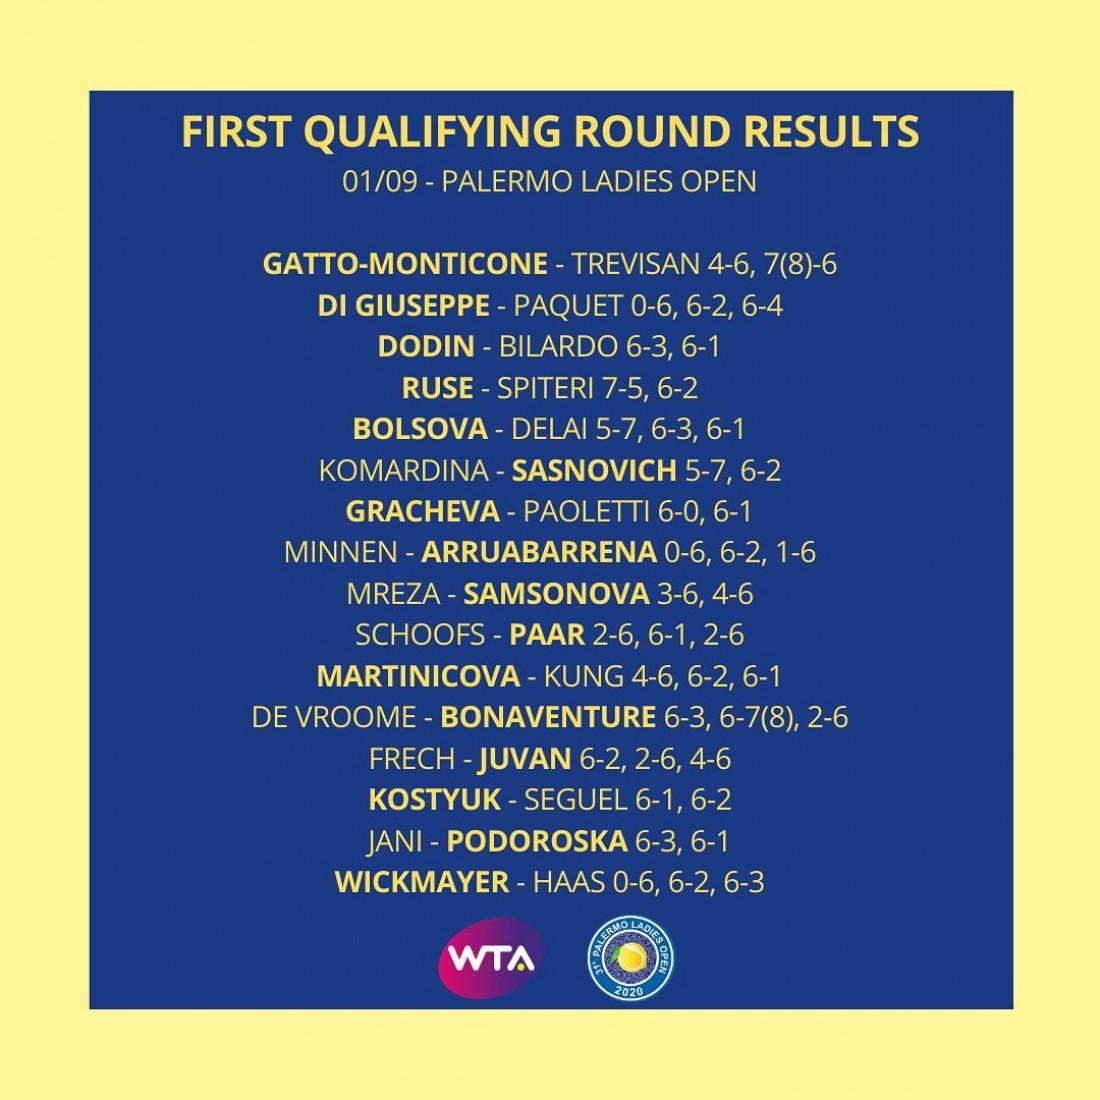 Результаты первого раунда квалификации